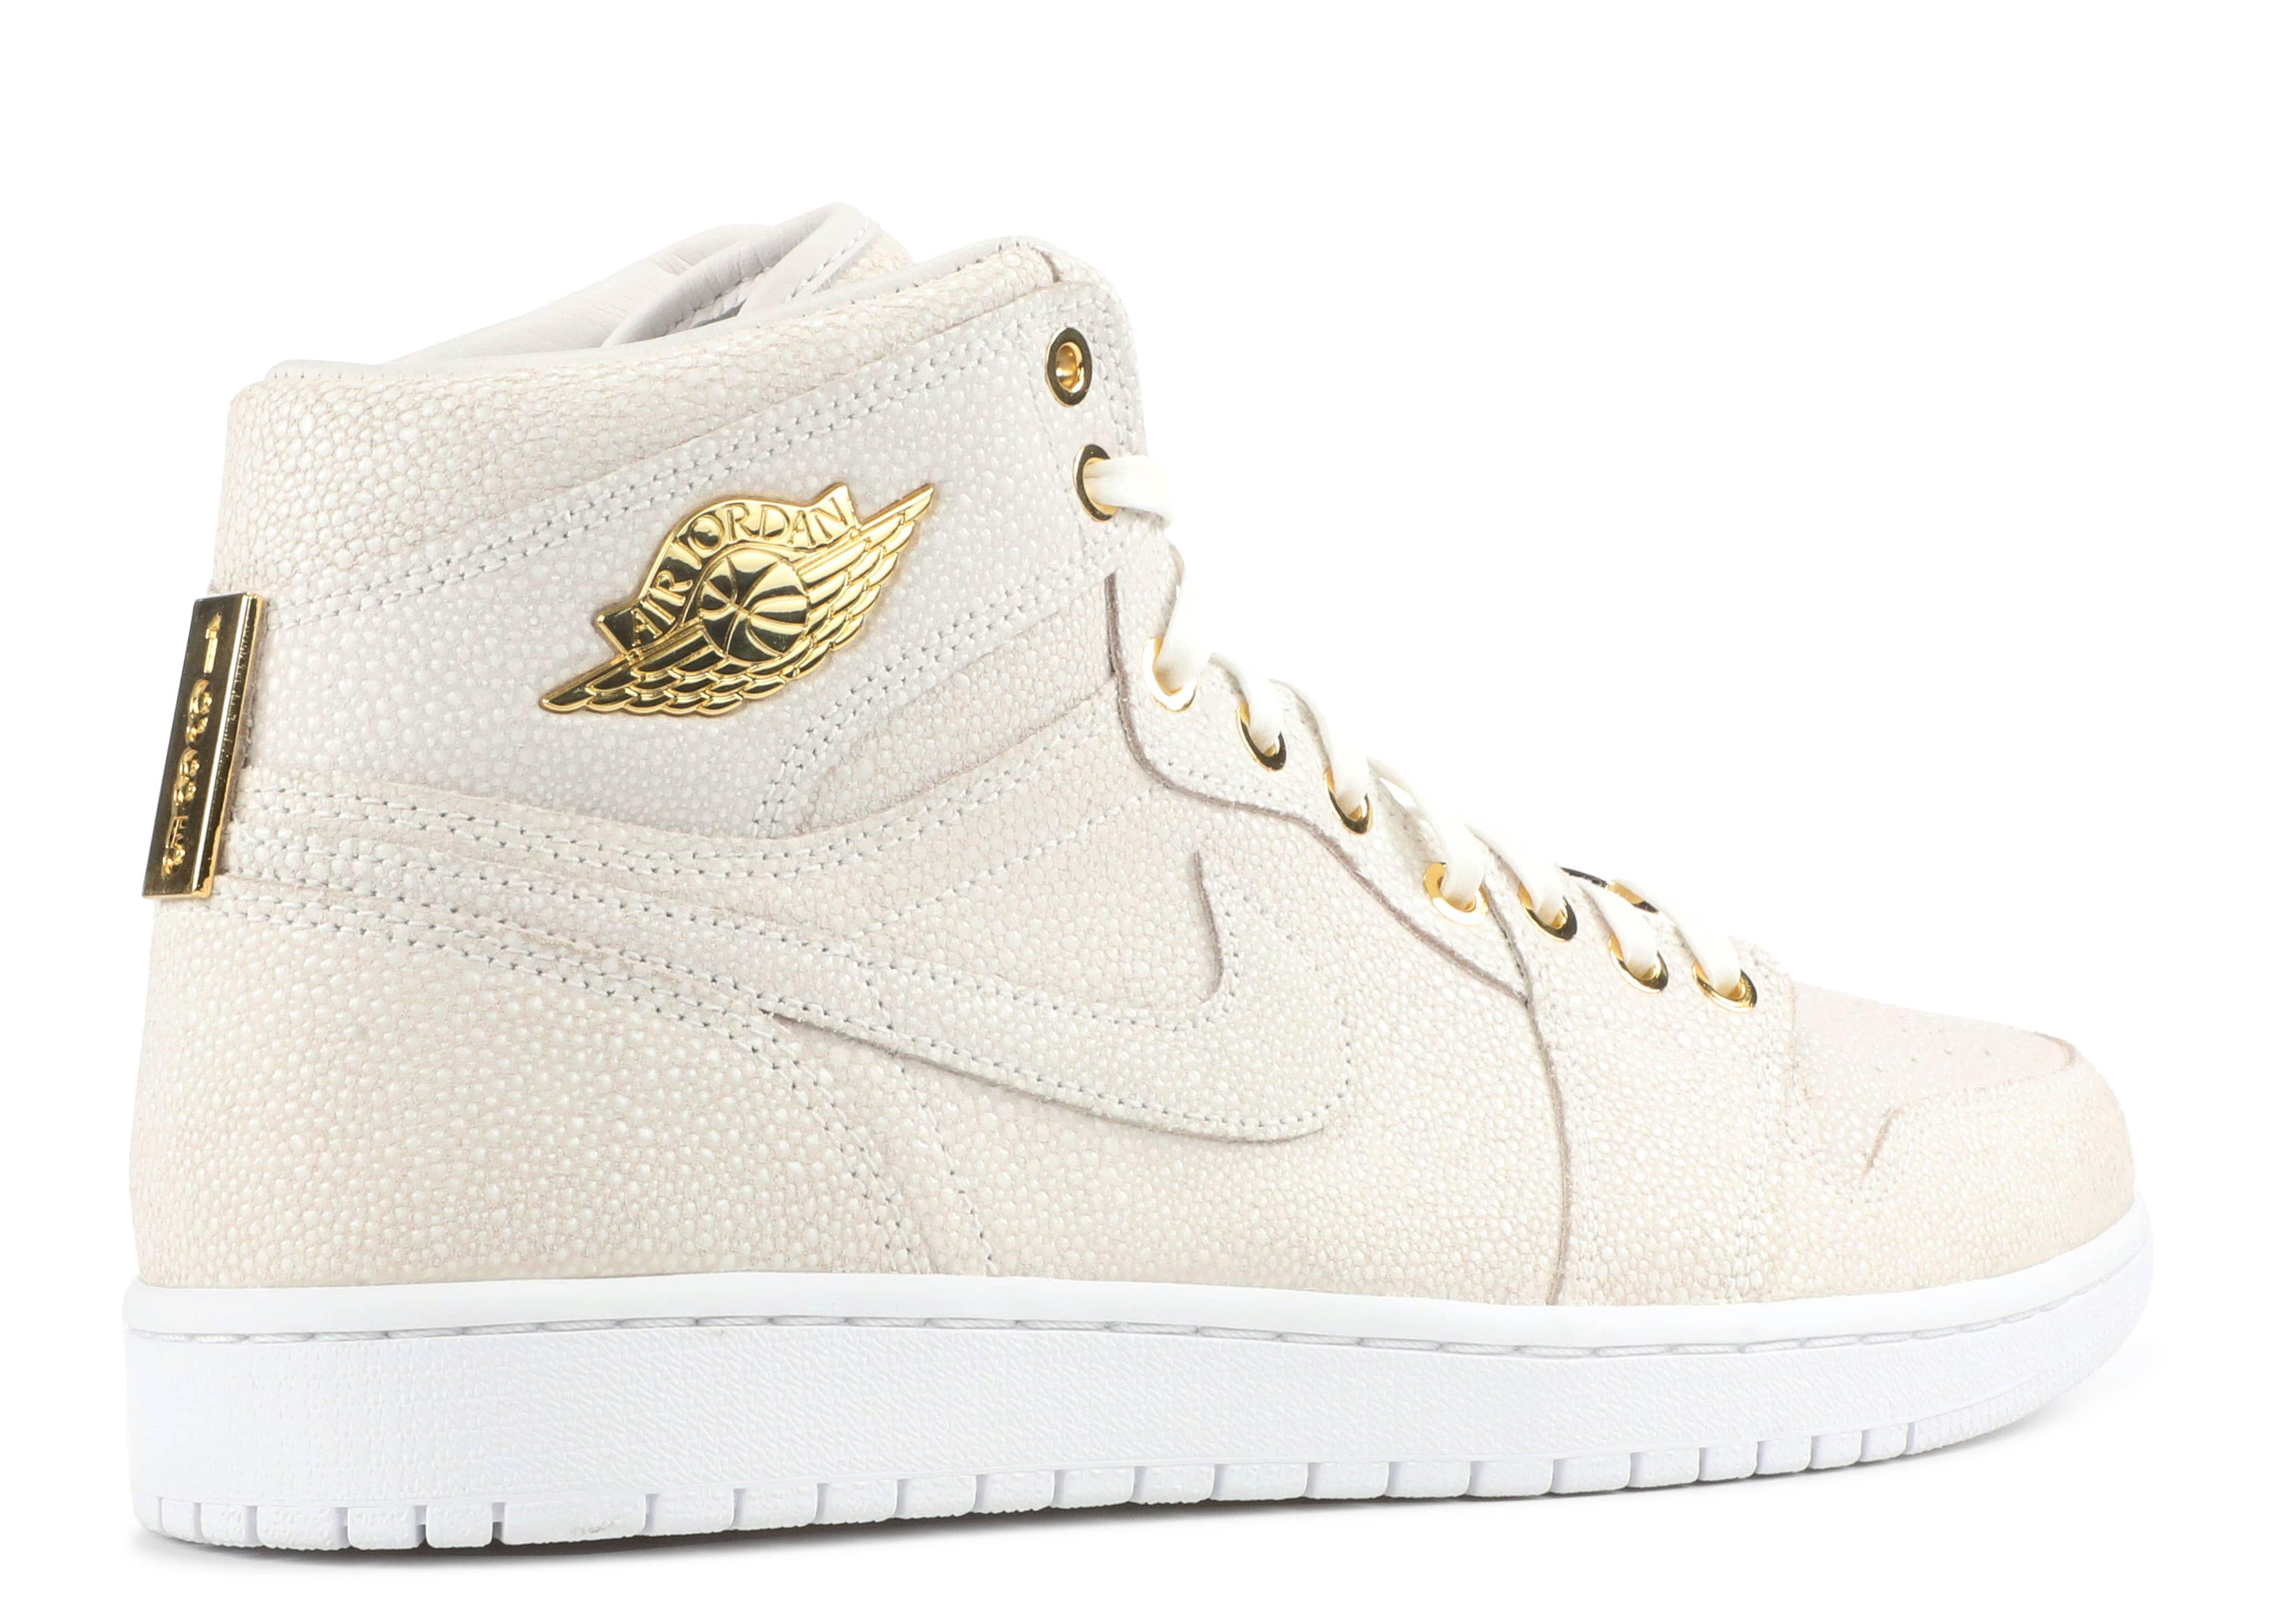 Nike Jordan 1 Pinnacle White